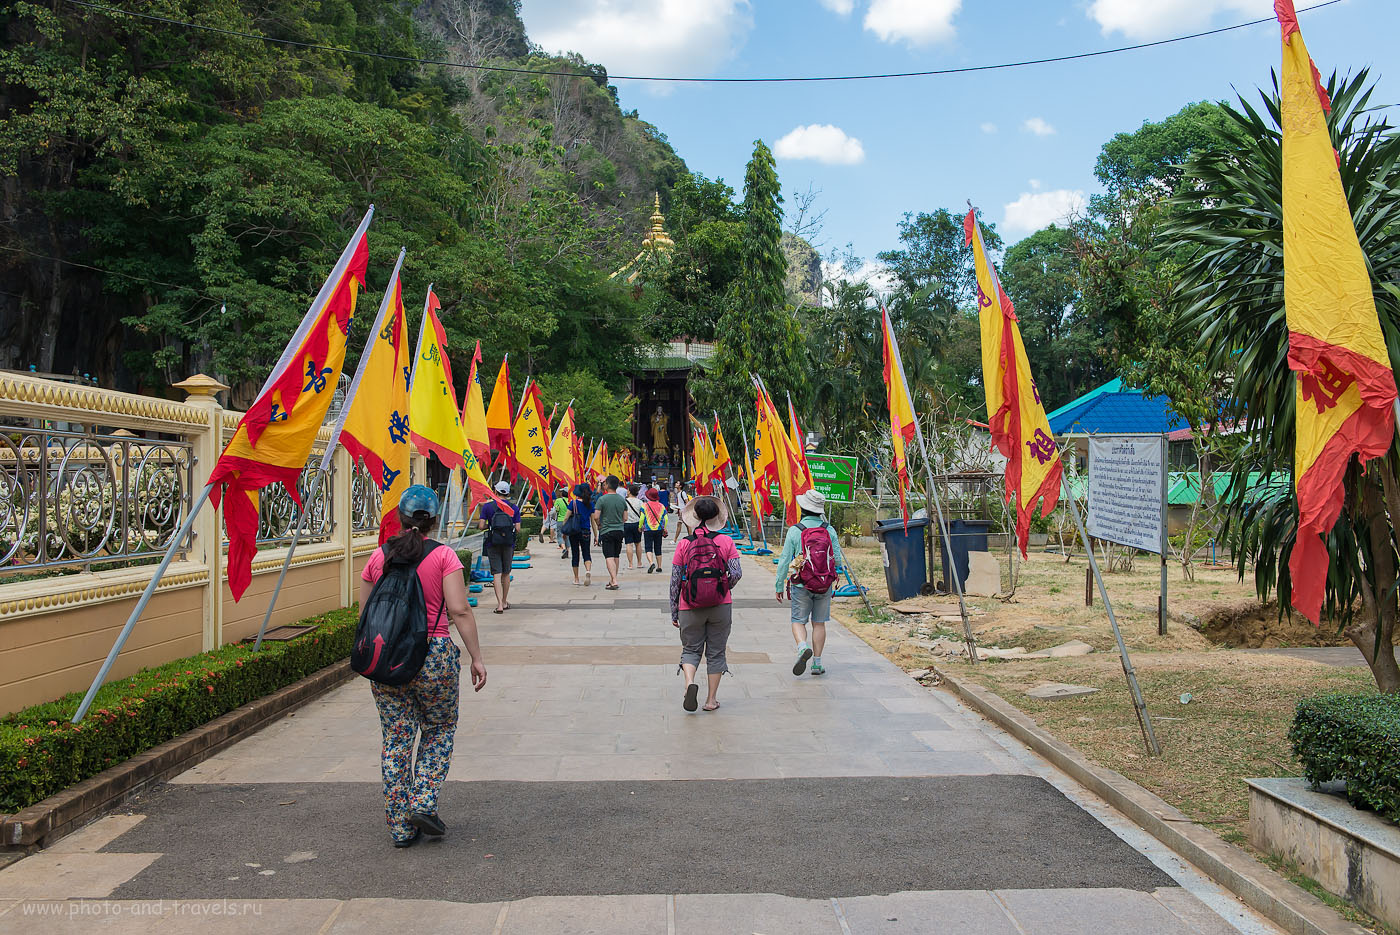 Фотография 7. Аллея с праздничным настроением. Поездка в Храм Тигриной Пещеры в провинции Краби самостоятельно. Отзывы туристов об отдыхе в Таиланде (500, 32, 8.0, 1/250)